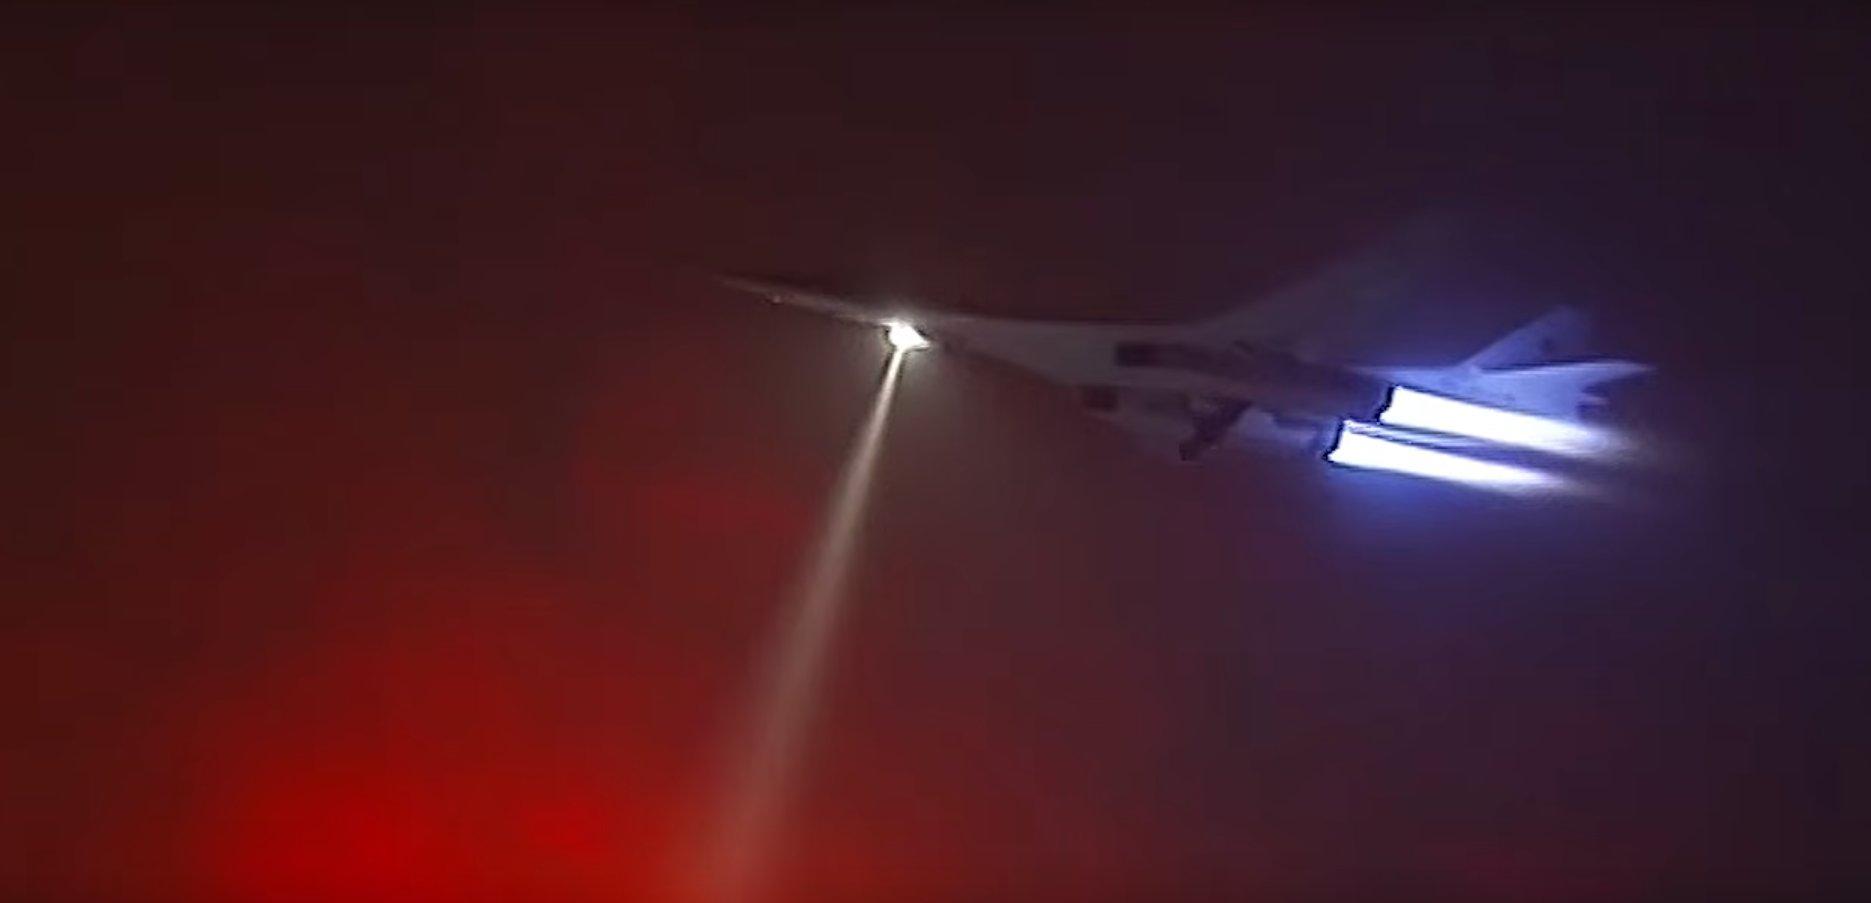 Tu-160 decolando par atacar alvos na siria